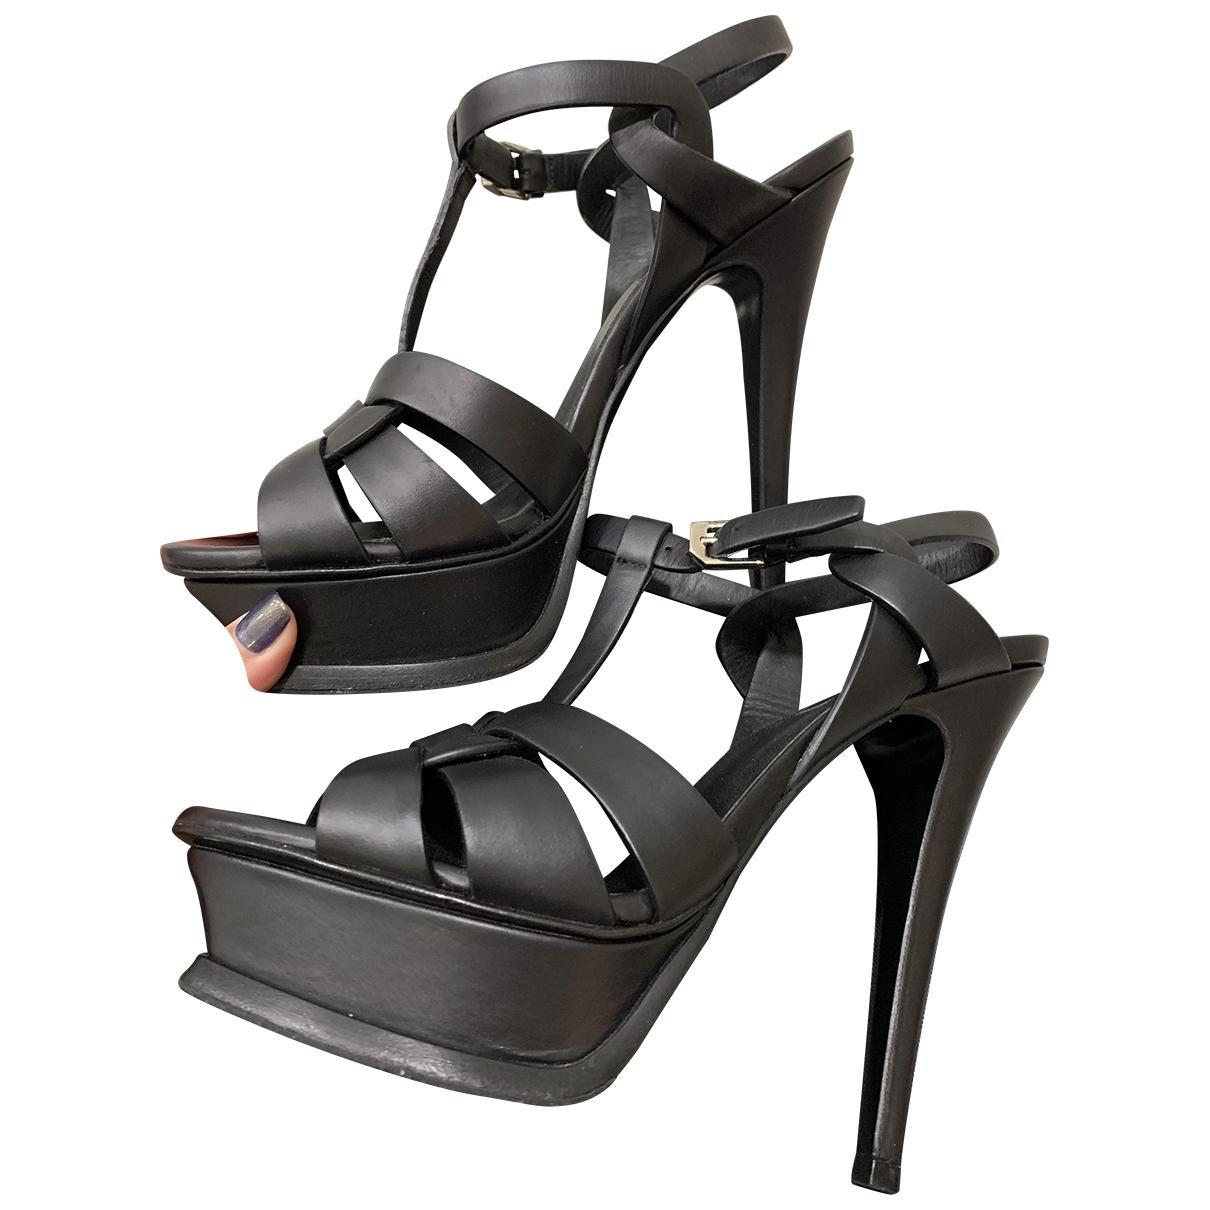 Saint Laurent Tribute Black Leather Sandals for Women 36 EU